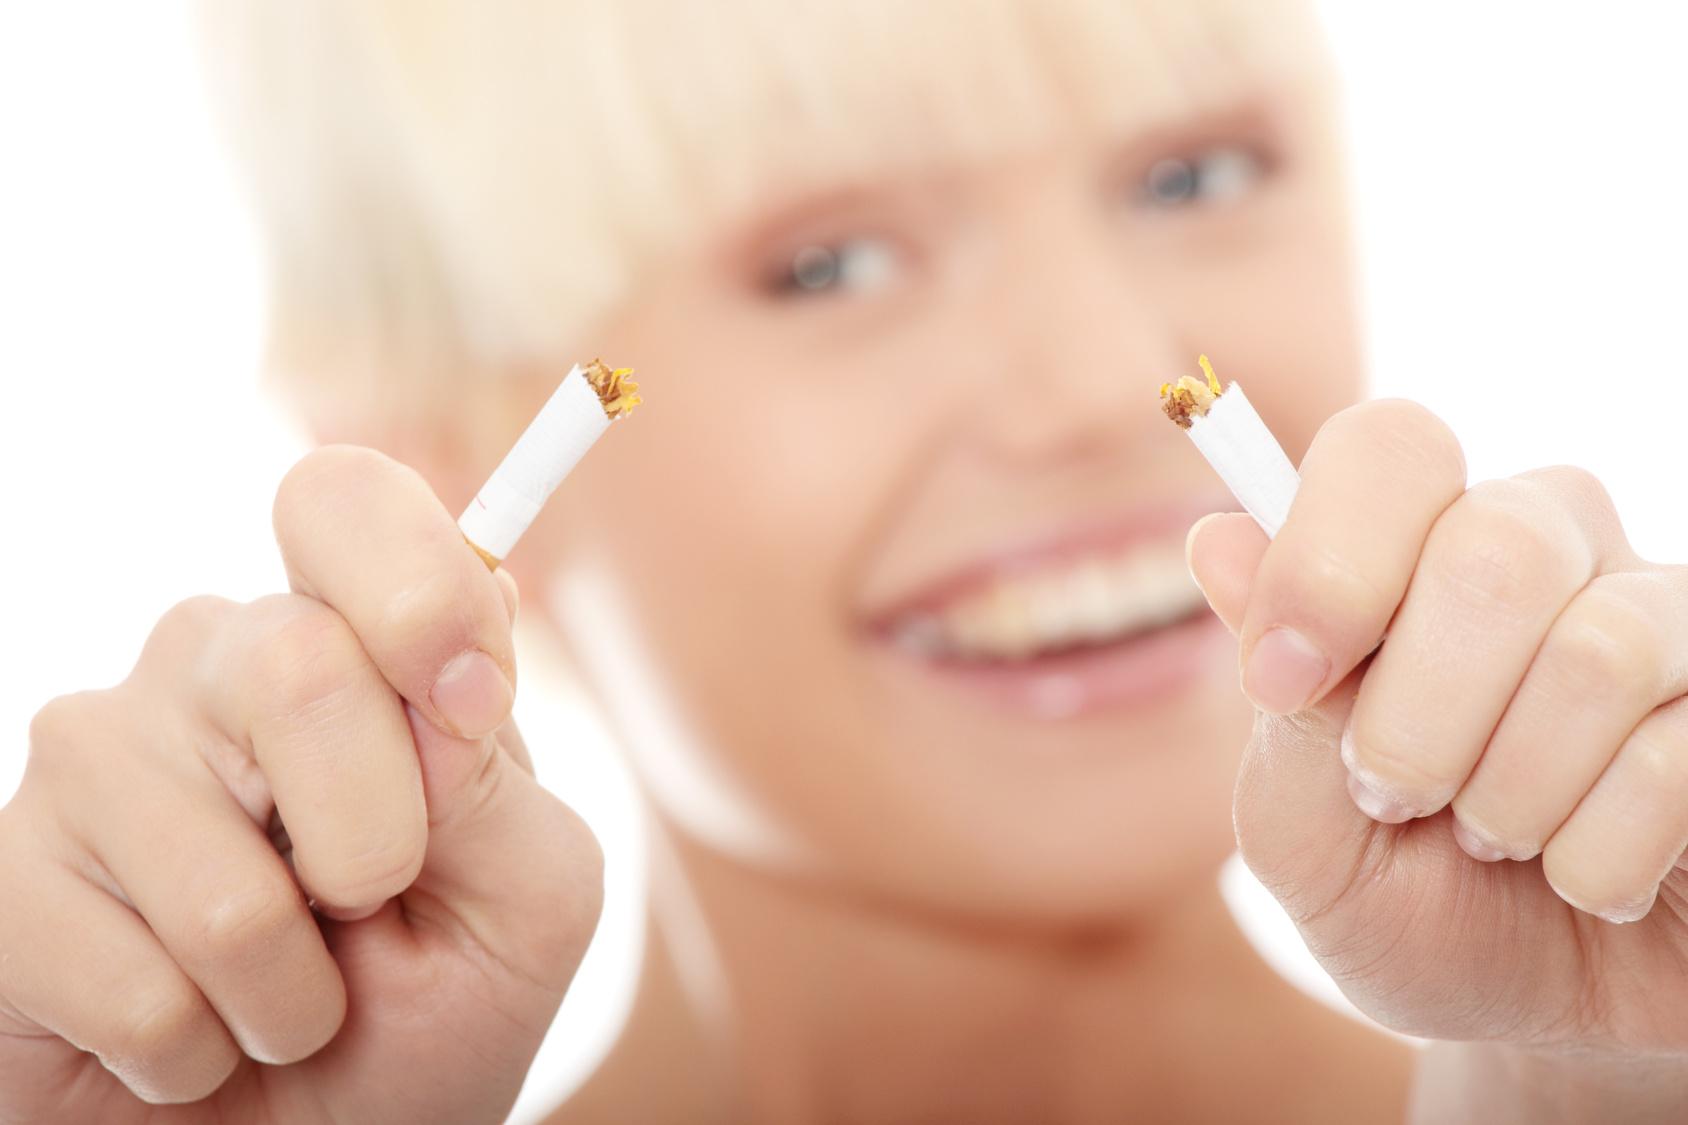 Η διακοπή του καπνίσματος μειώνει το άγχος! thumbnail